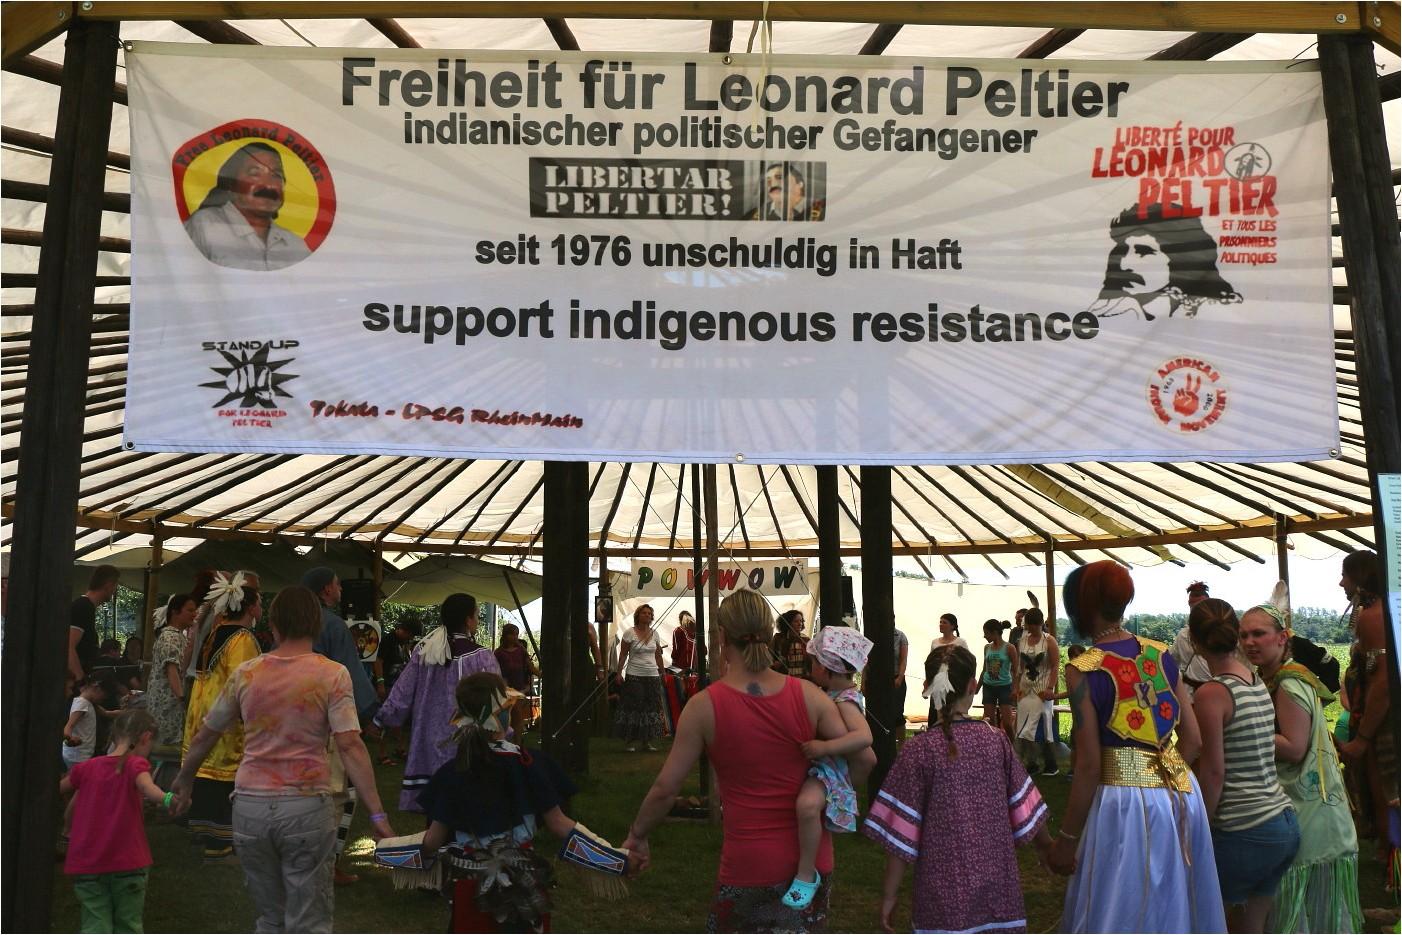 Powwow (for Leonard Peltier)